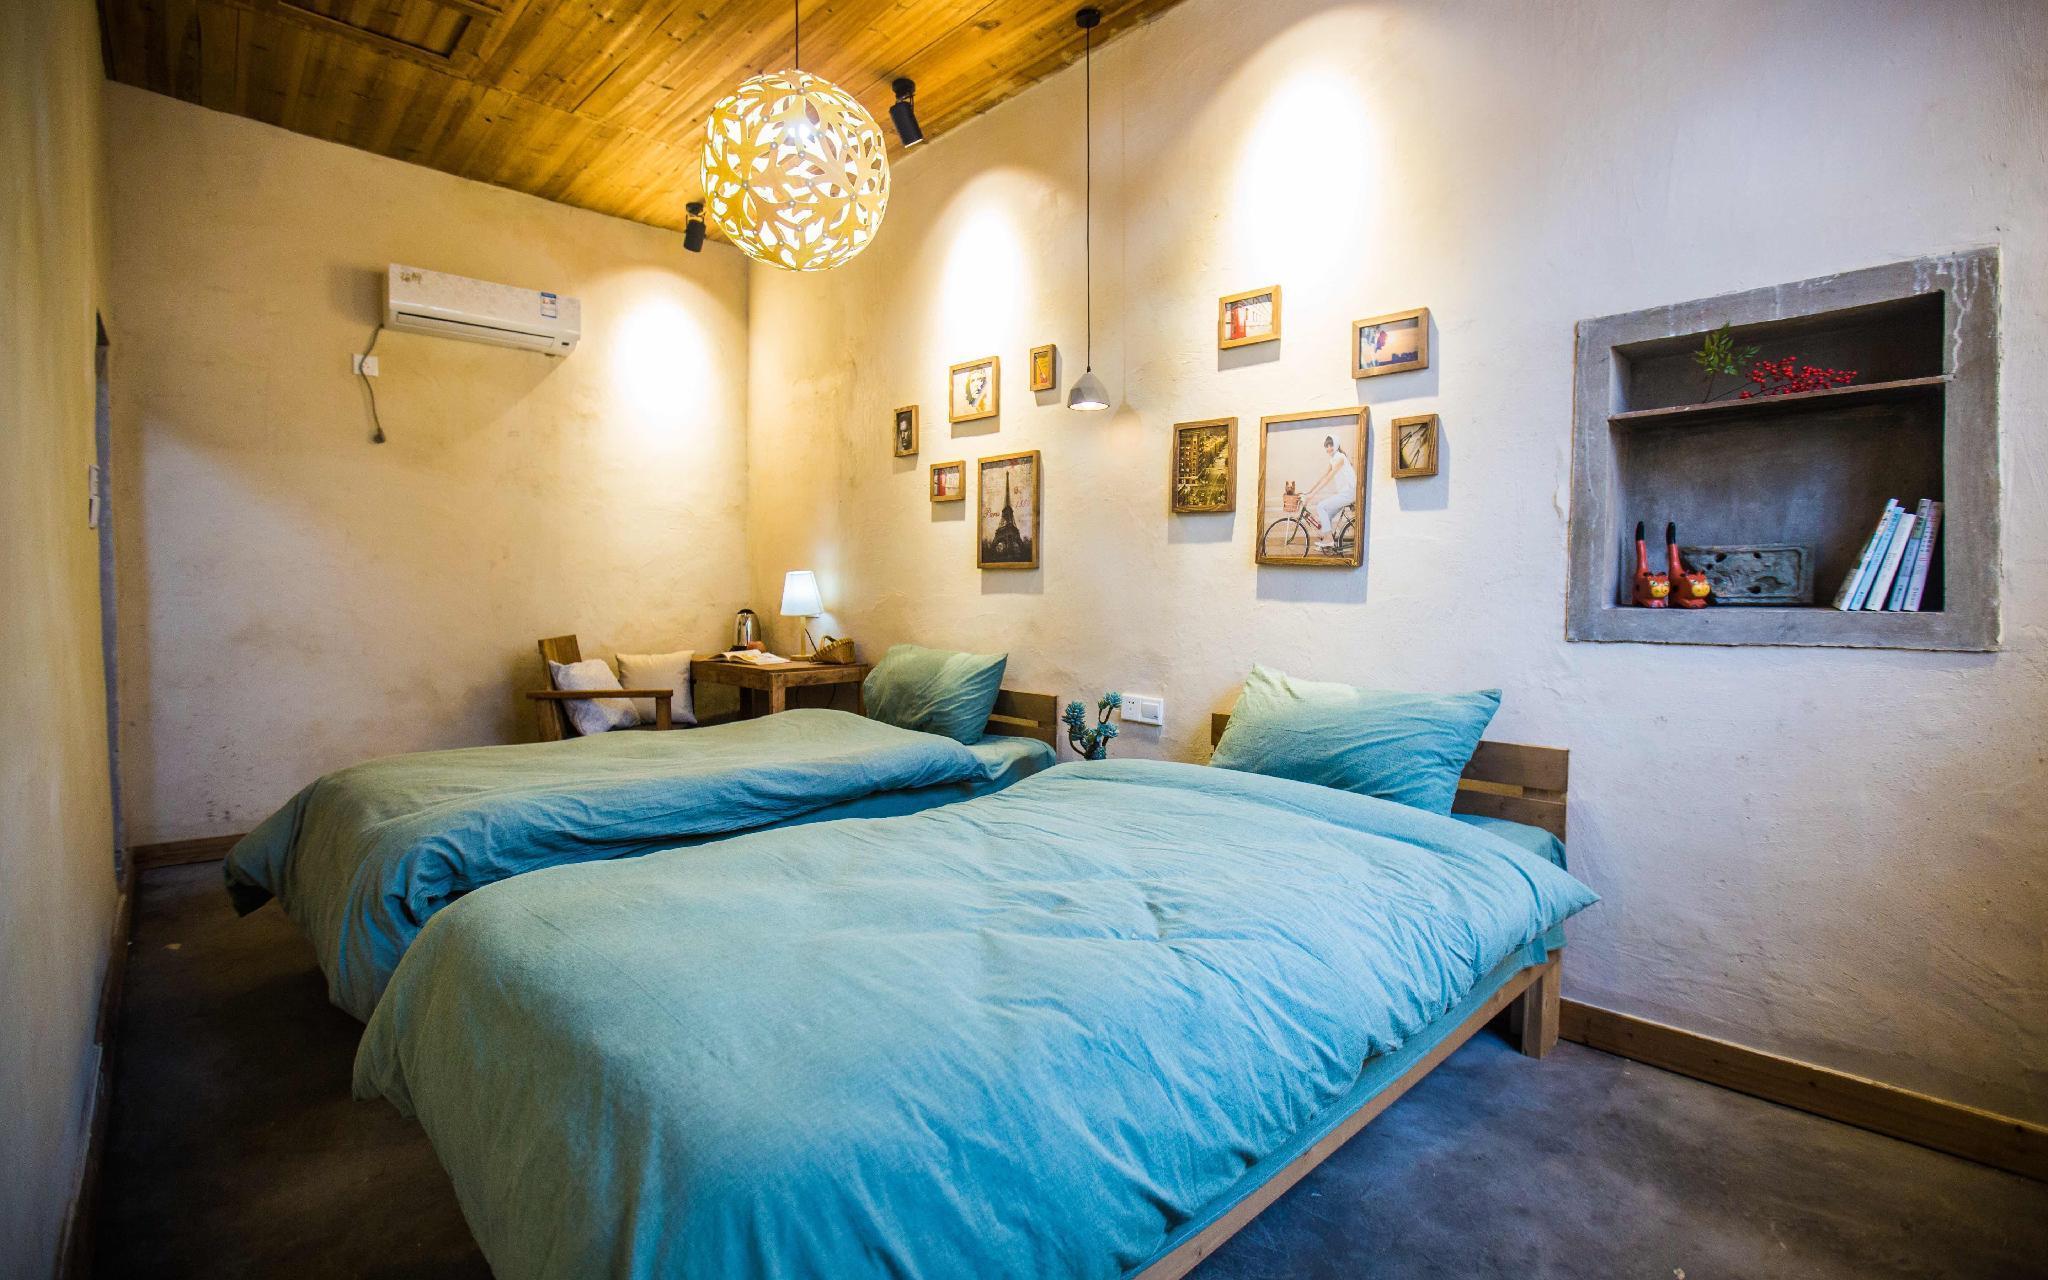 YUANXIANG BISHAN Homestay 2 Bed Private Room